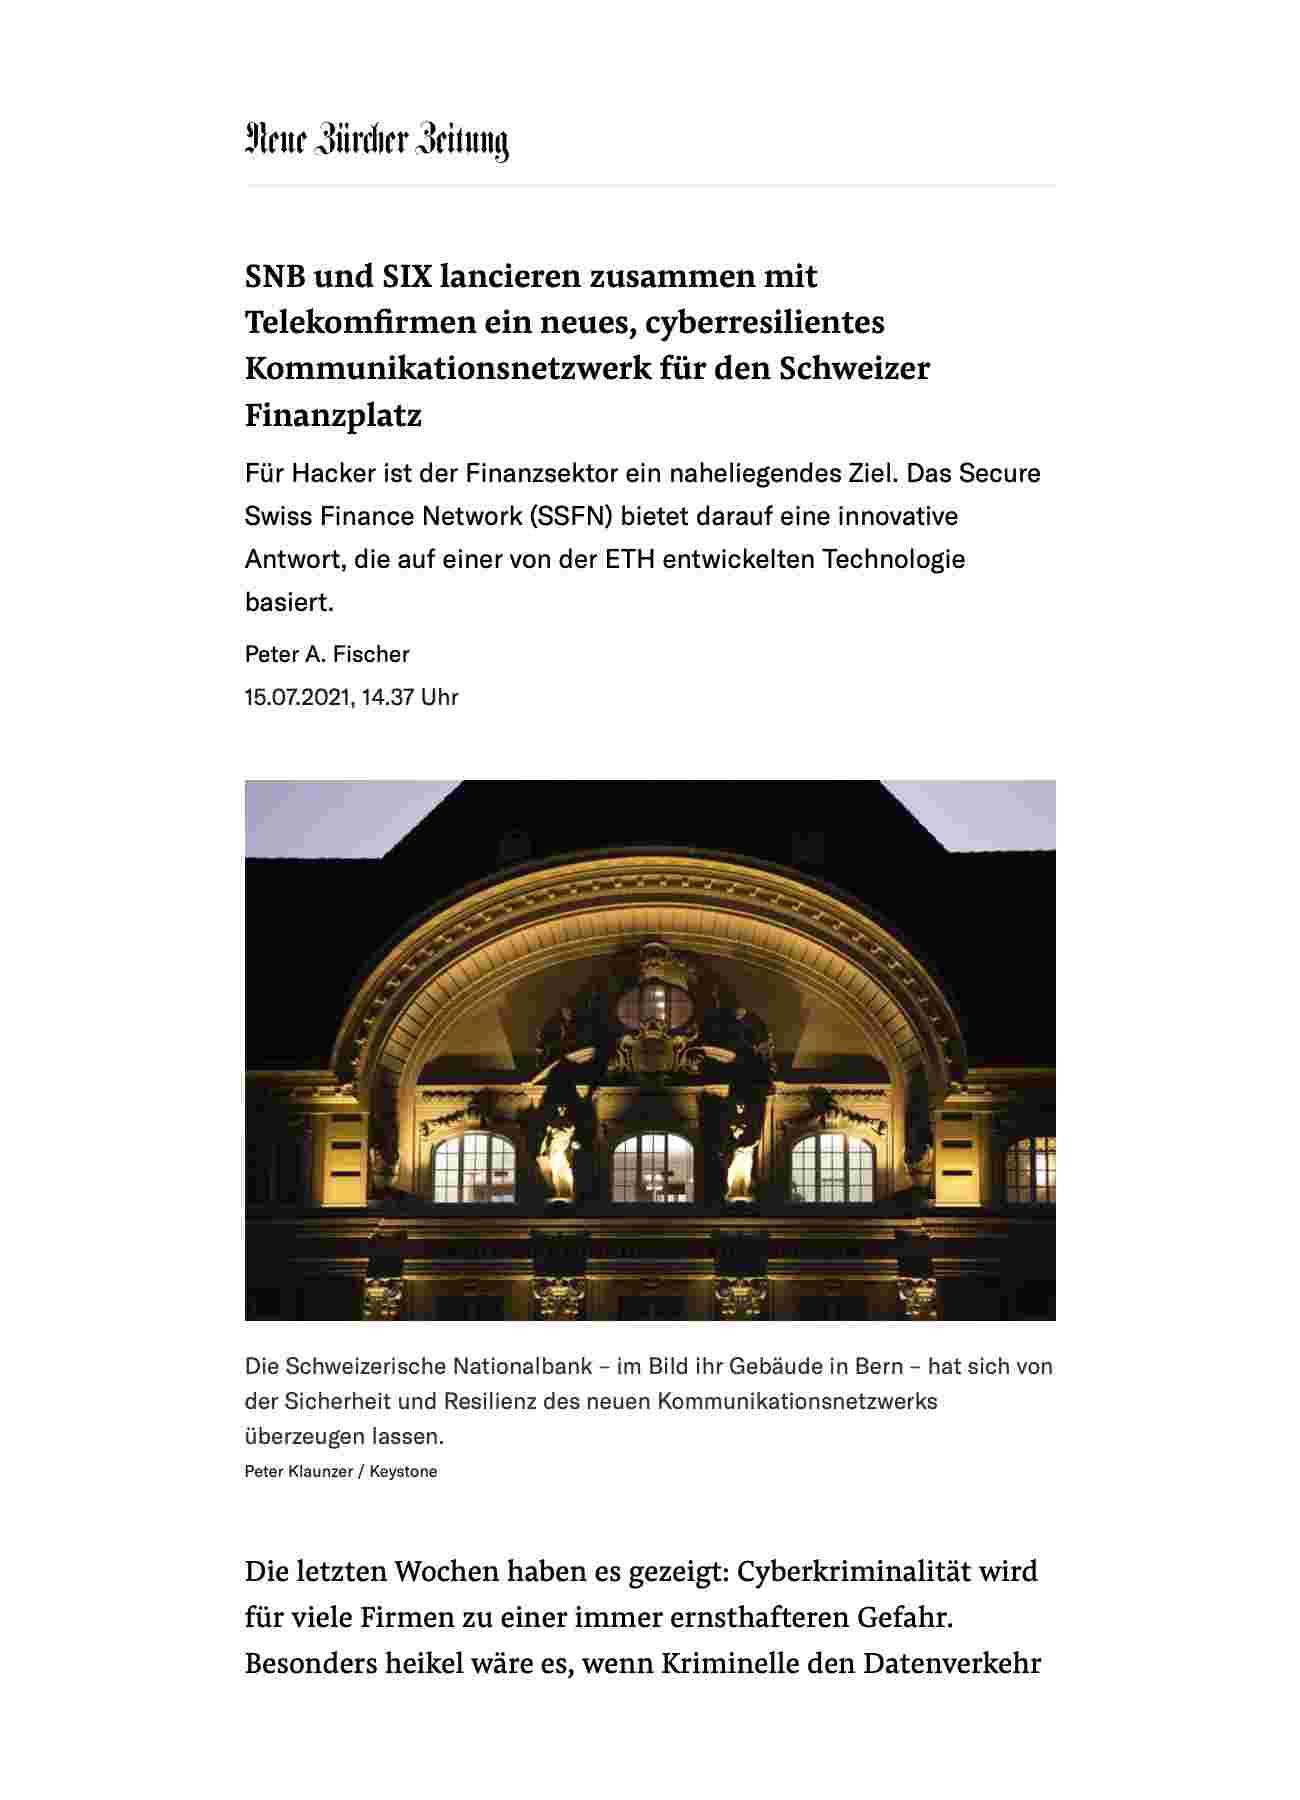 SNB_SIX_lancieren